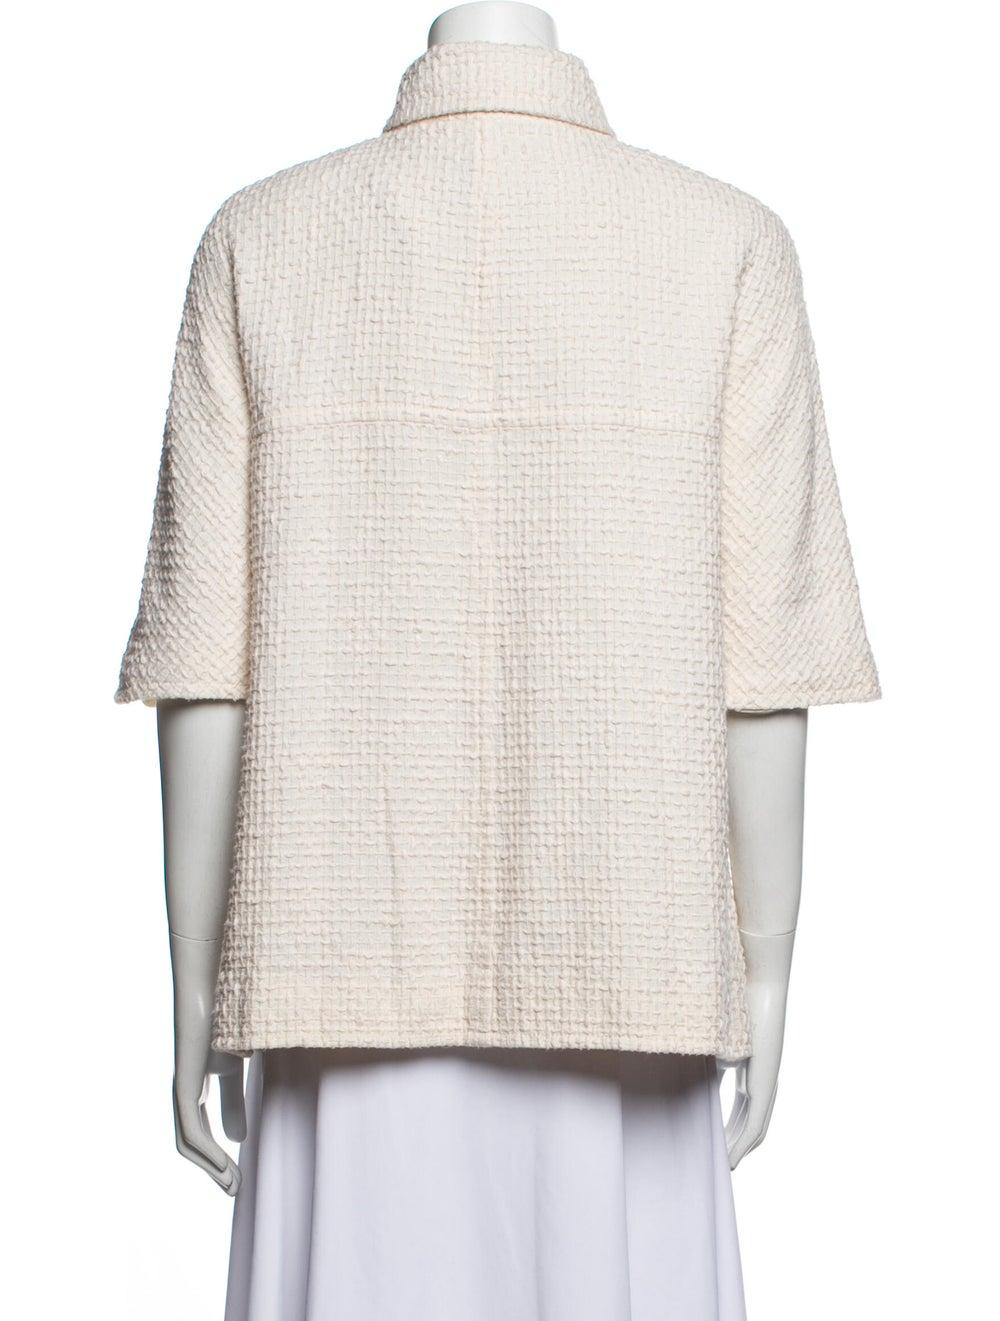 Chanel 2012 Jacket - image 3